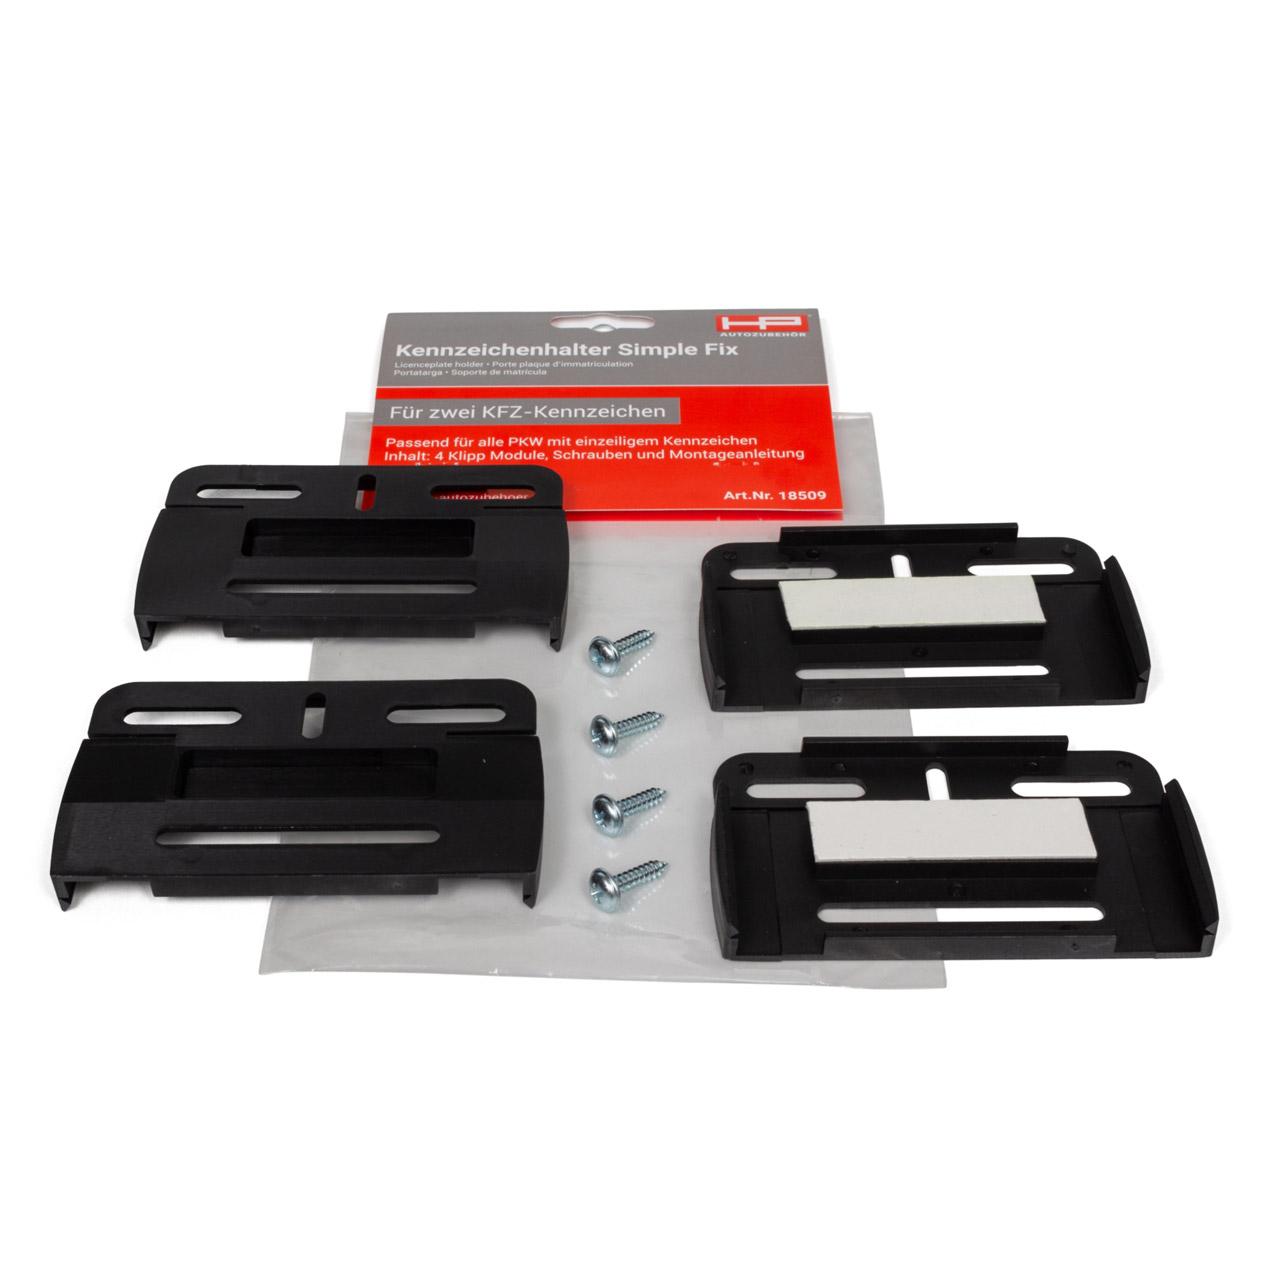 2x HP Simple-Fix Rahmenlos Kennzeichenhalter Nummernschildhalter Komplett Set